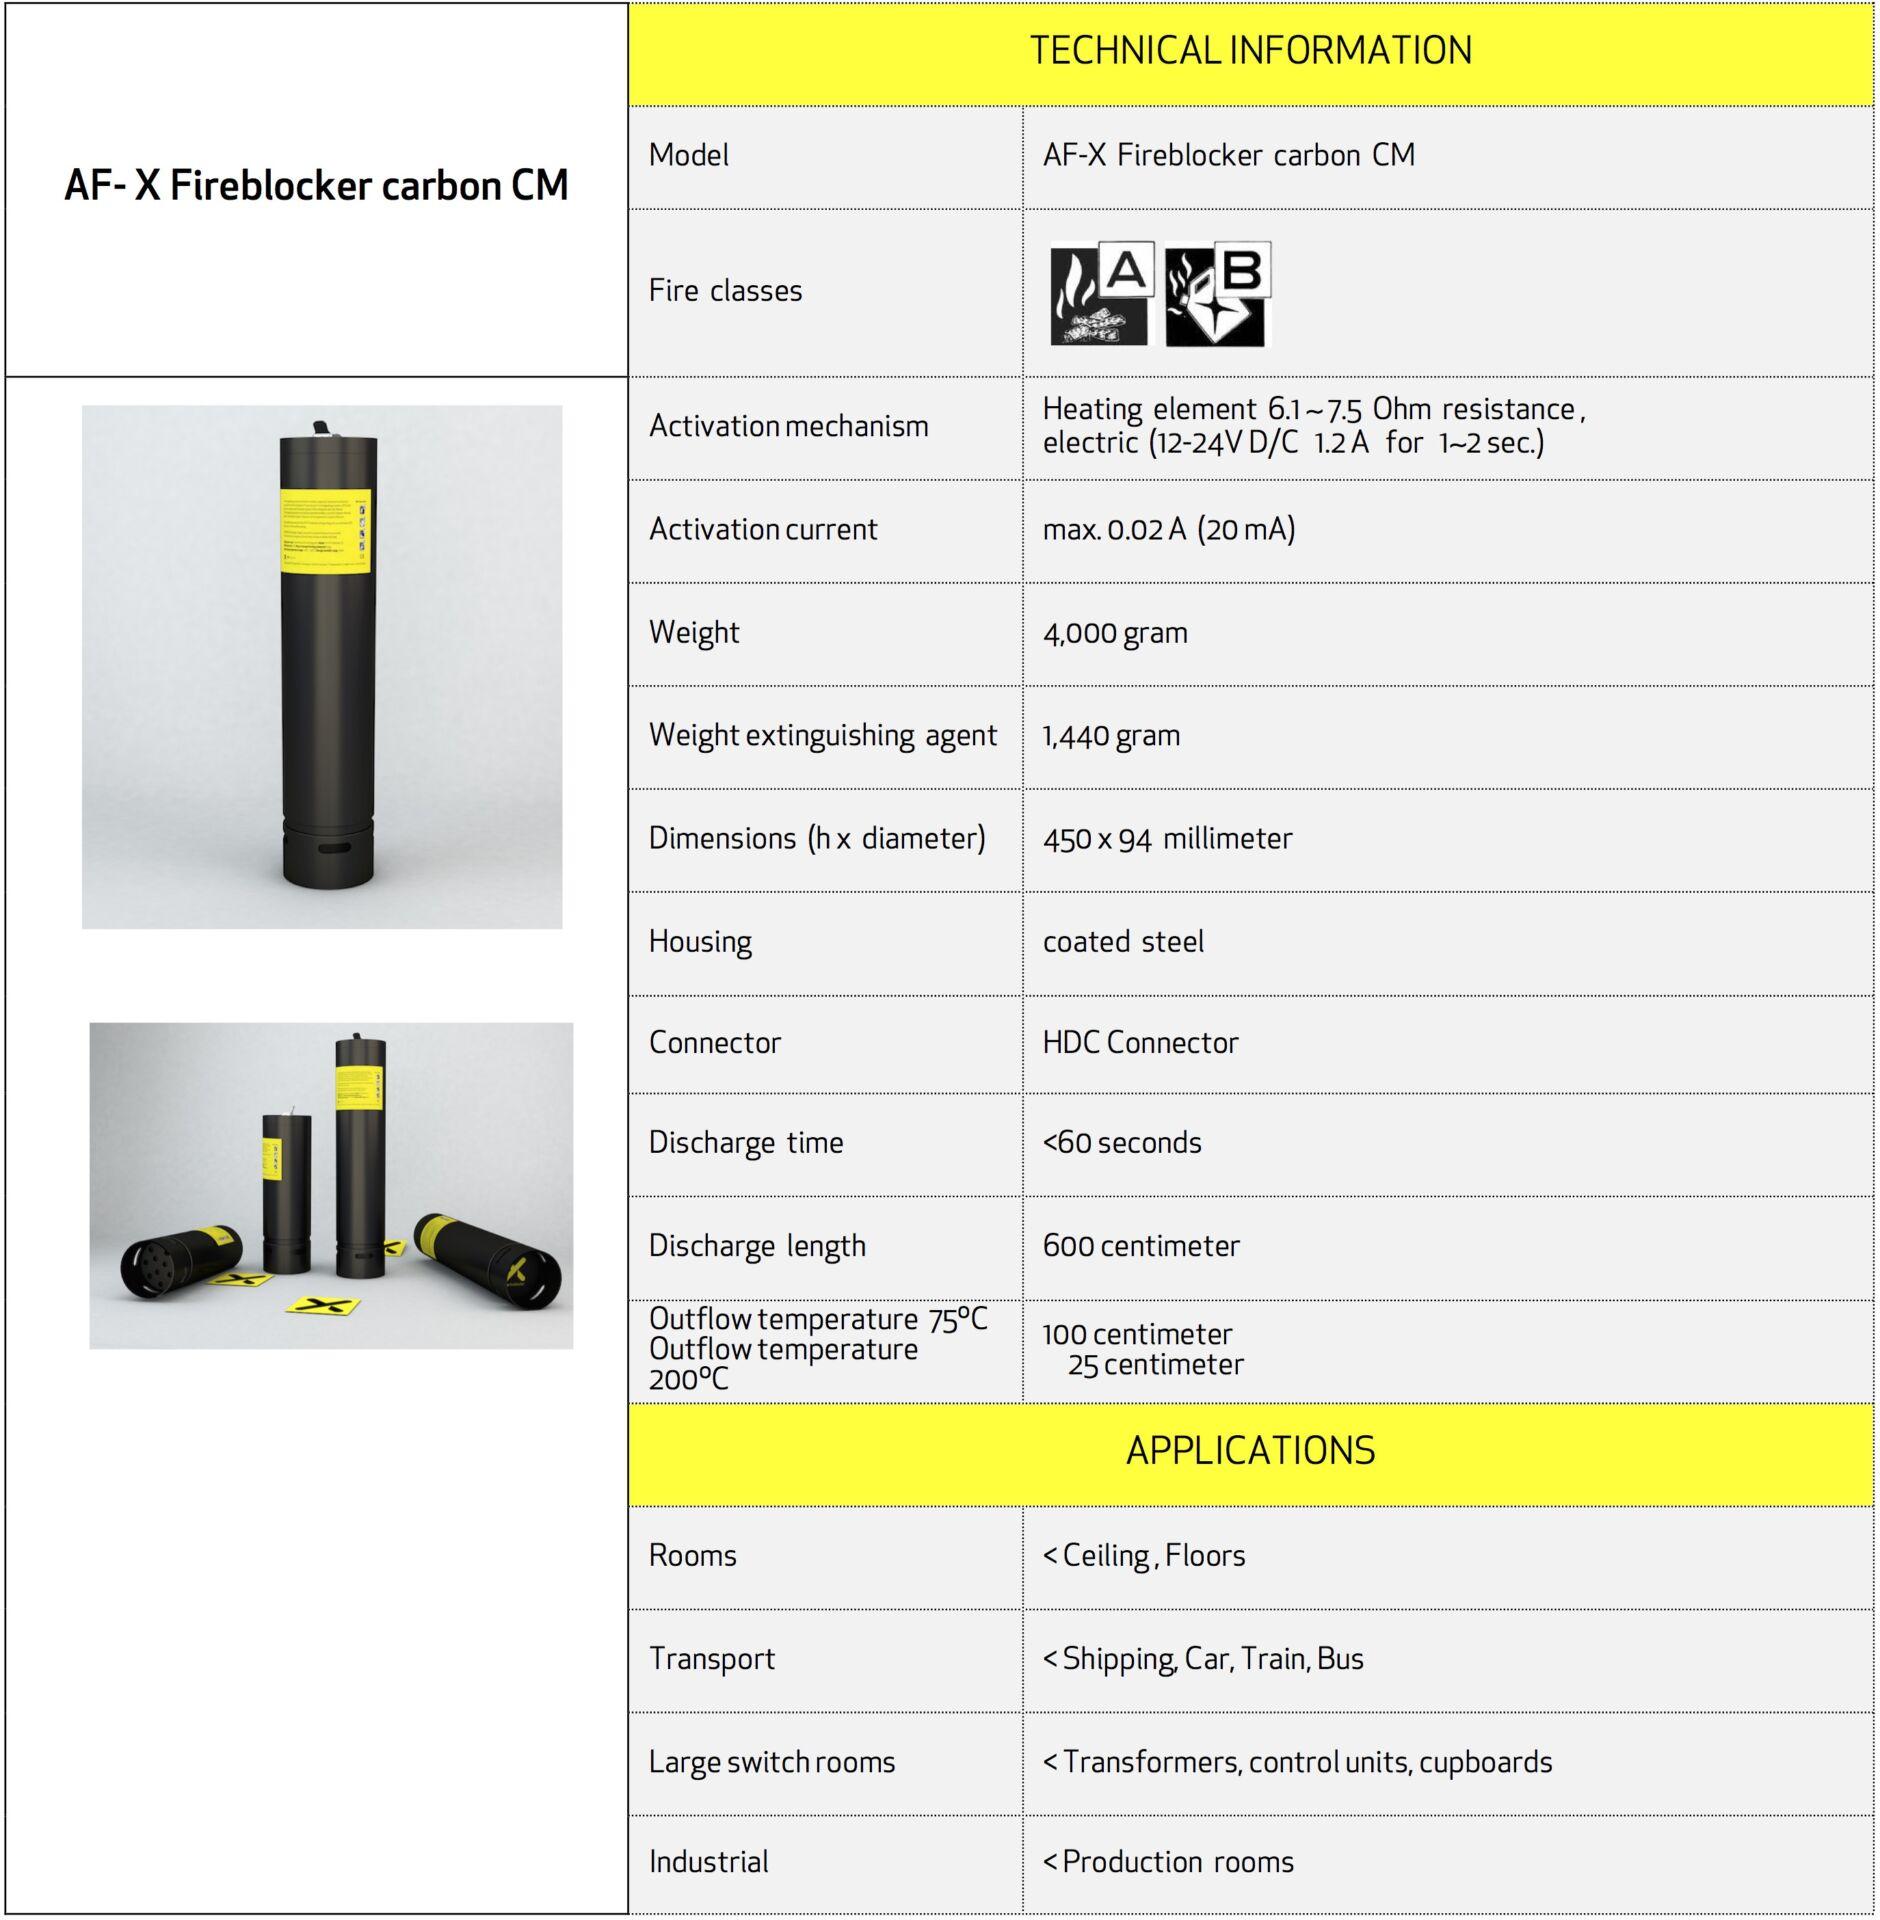 AF-X Fireblocker carbon CM UK